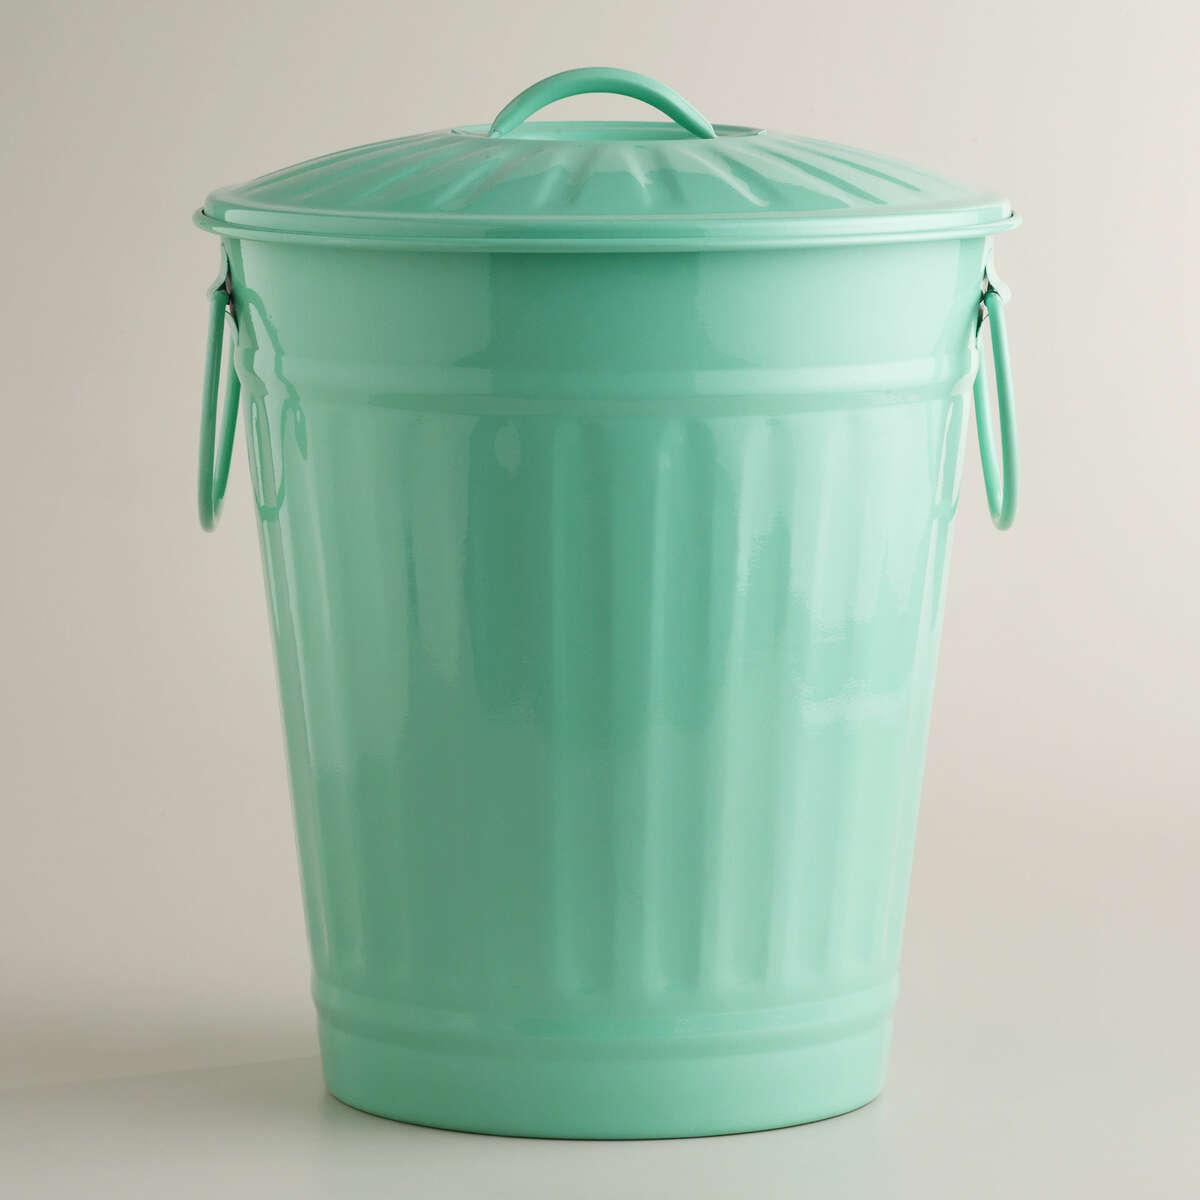 A $50 bathroom waste basket... I mean come ON. - Taylor Zelka